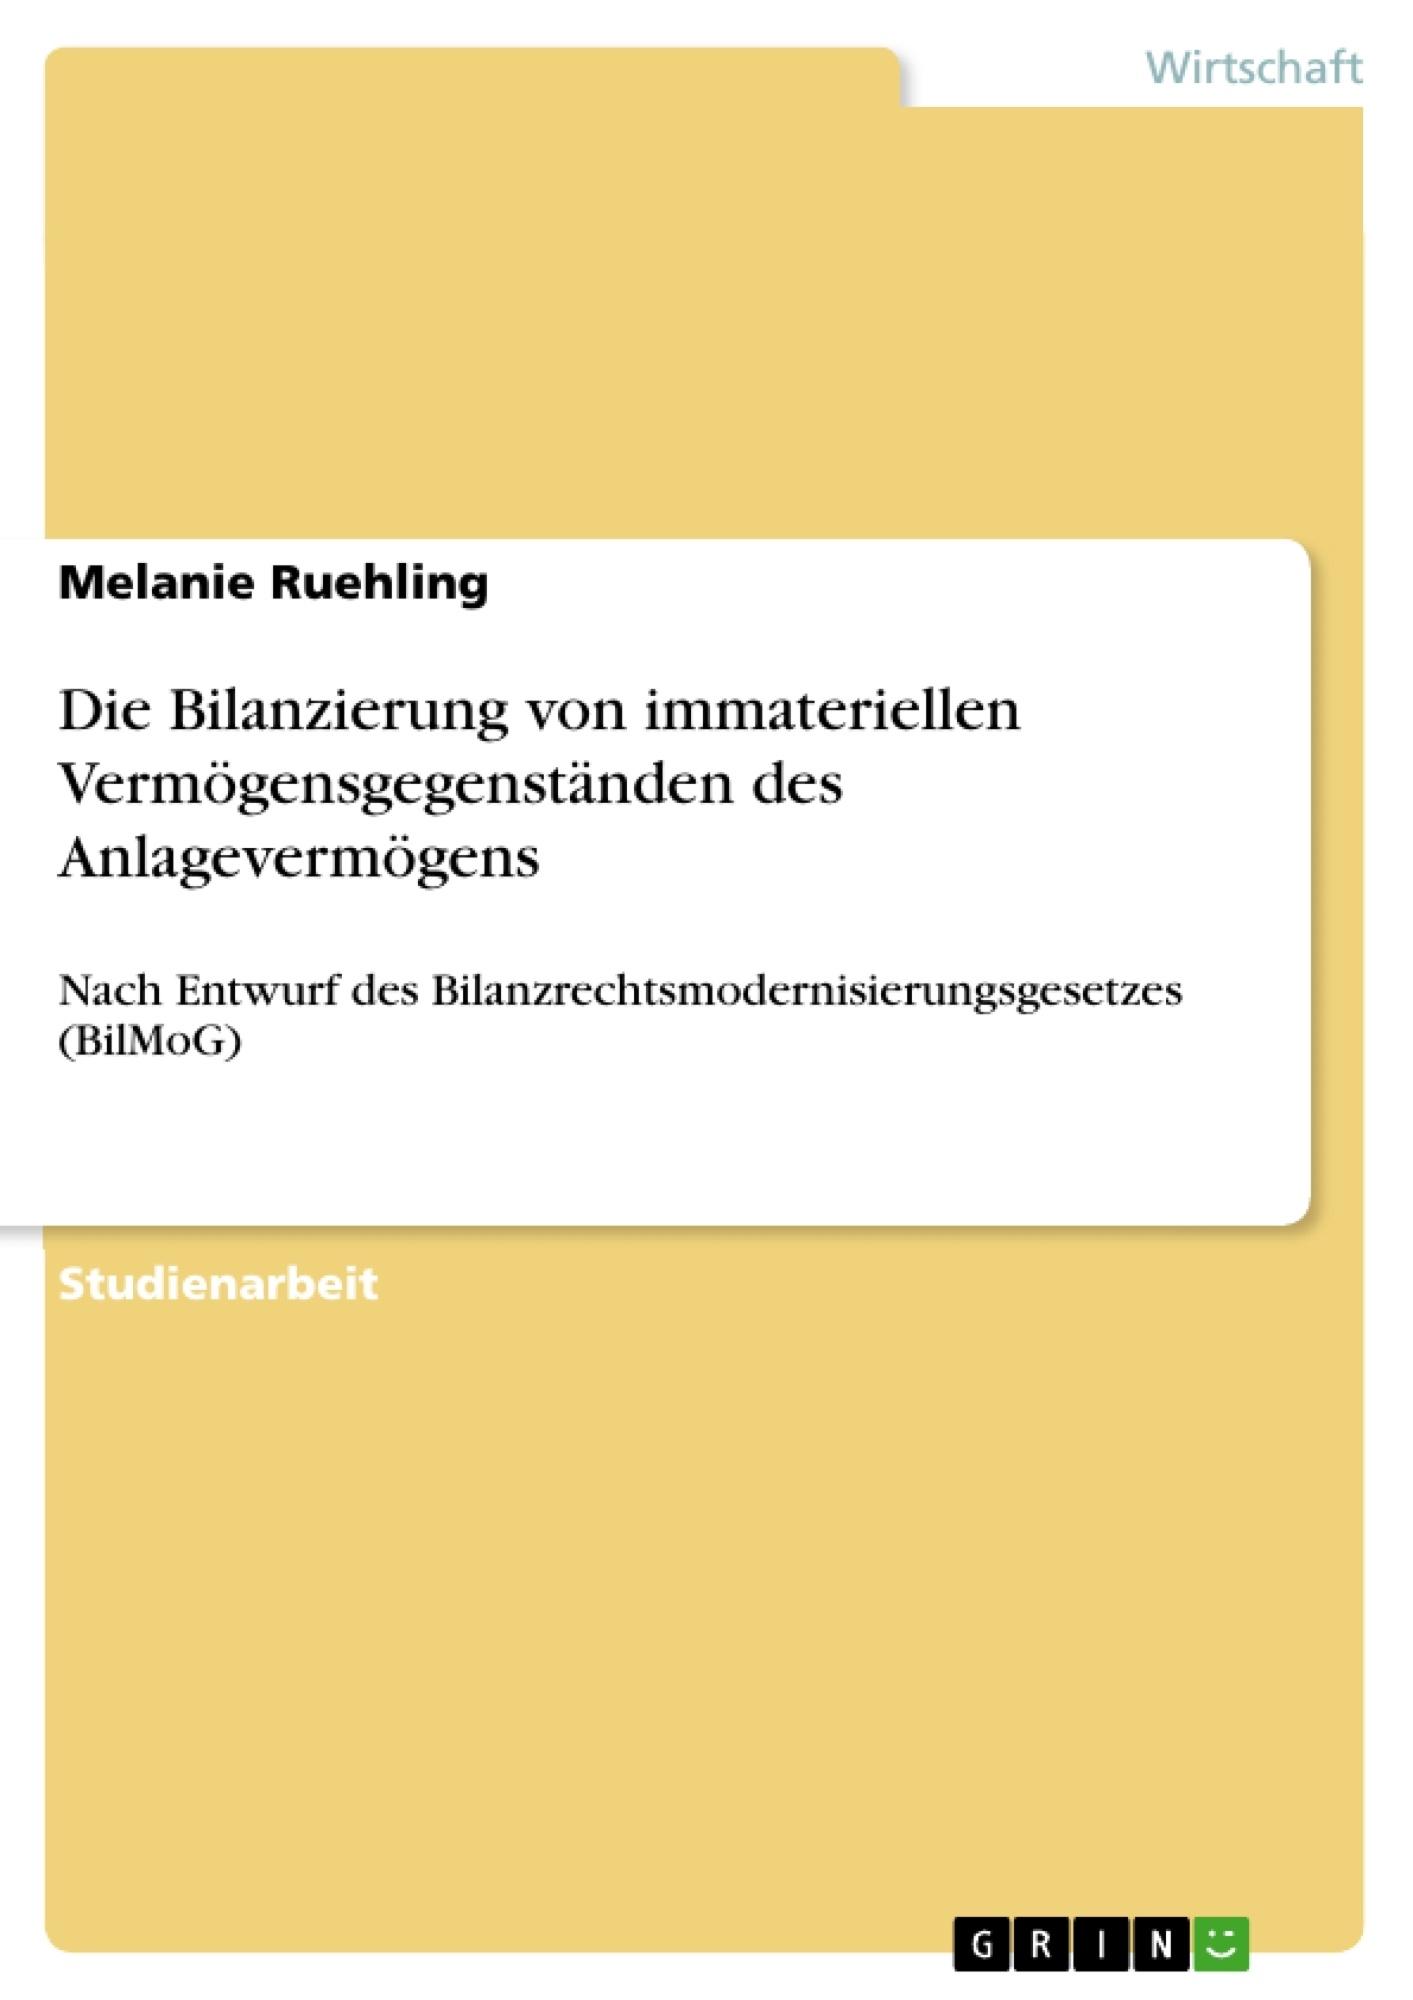 Titel: Die Bilanzierung von immateriellen Vermögensgegenständen des Anlagevermögens